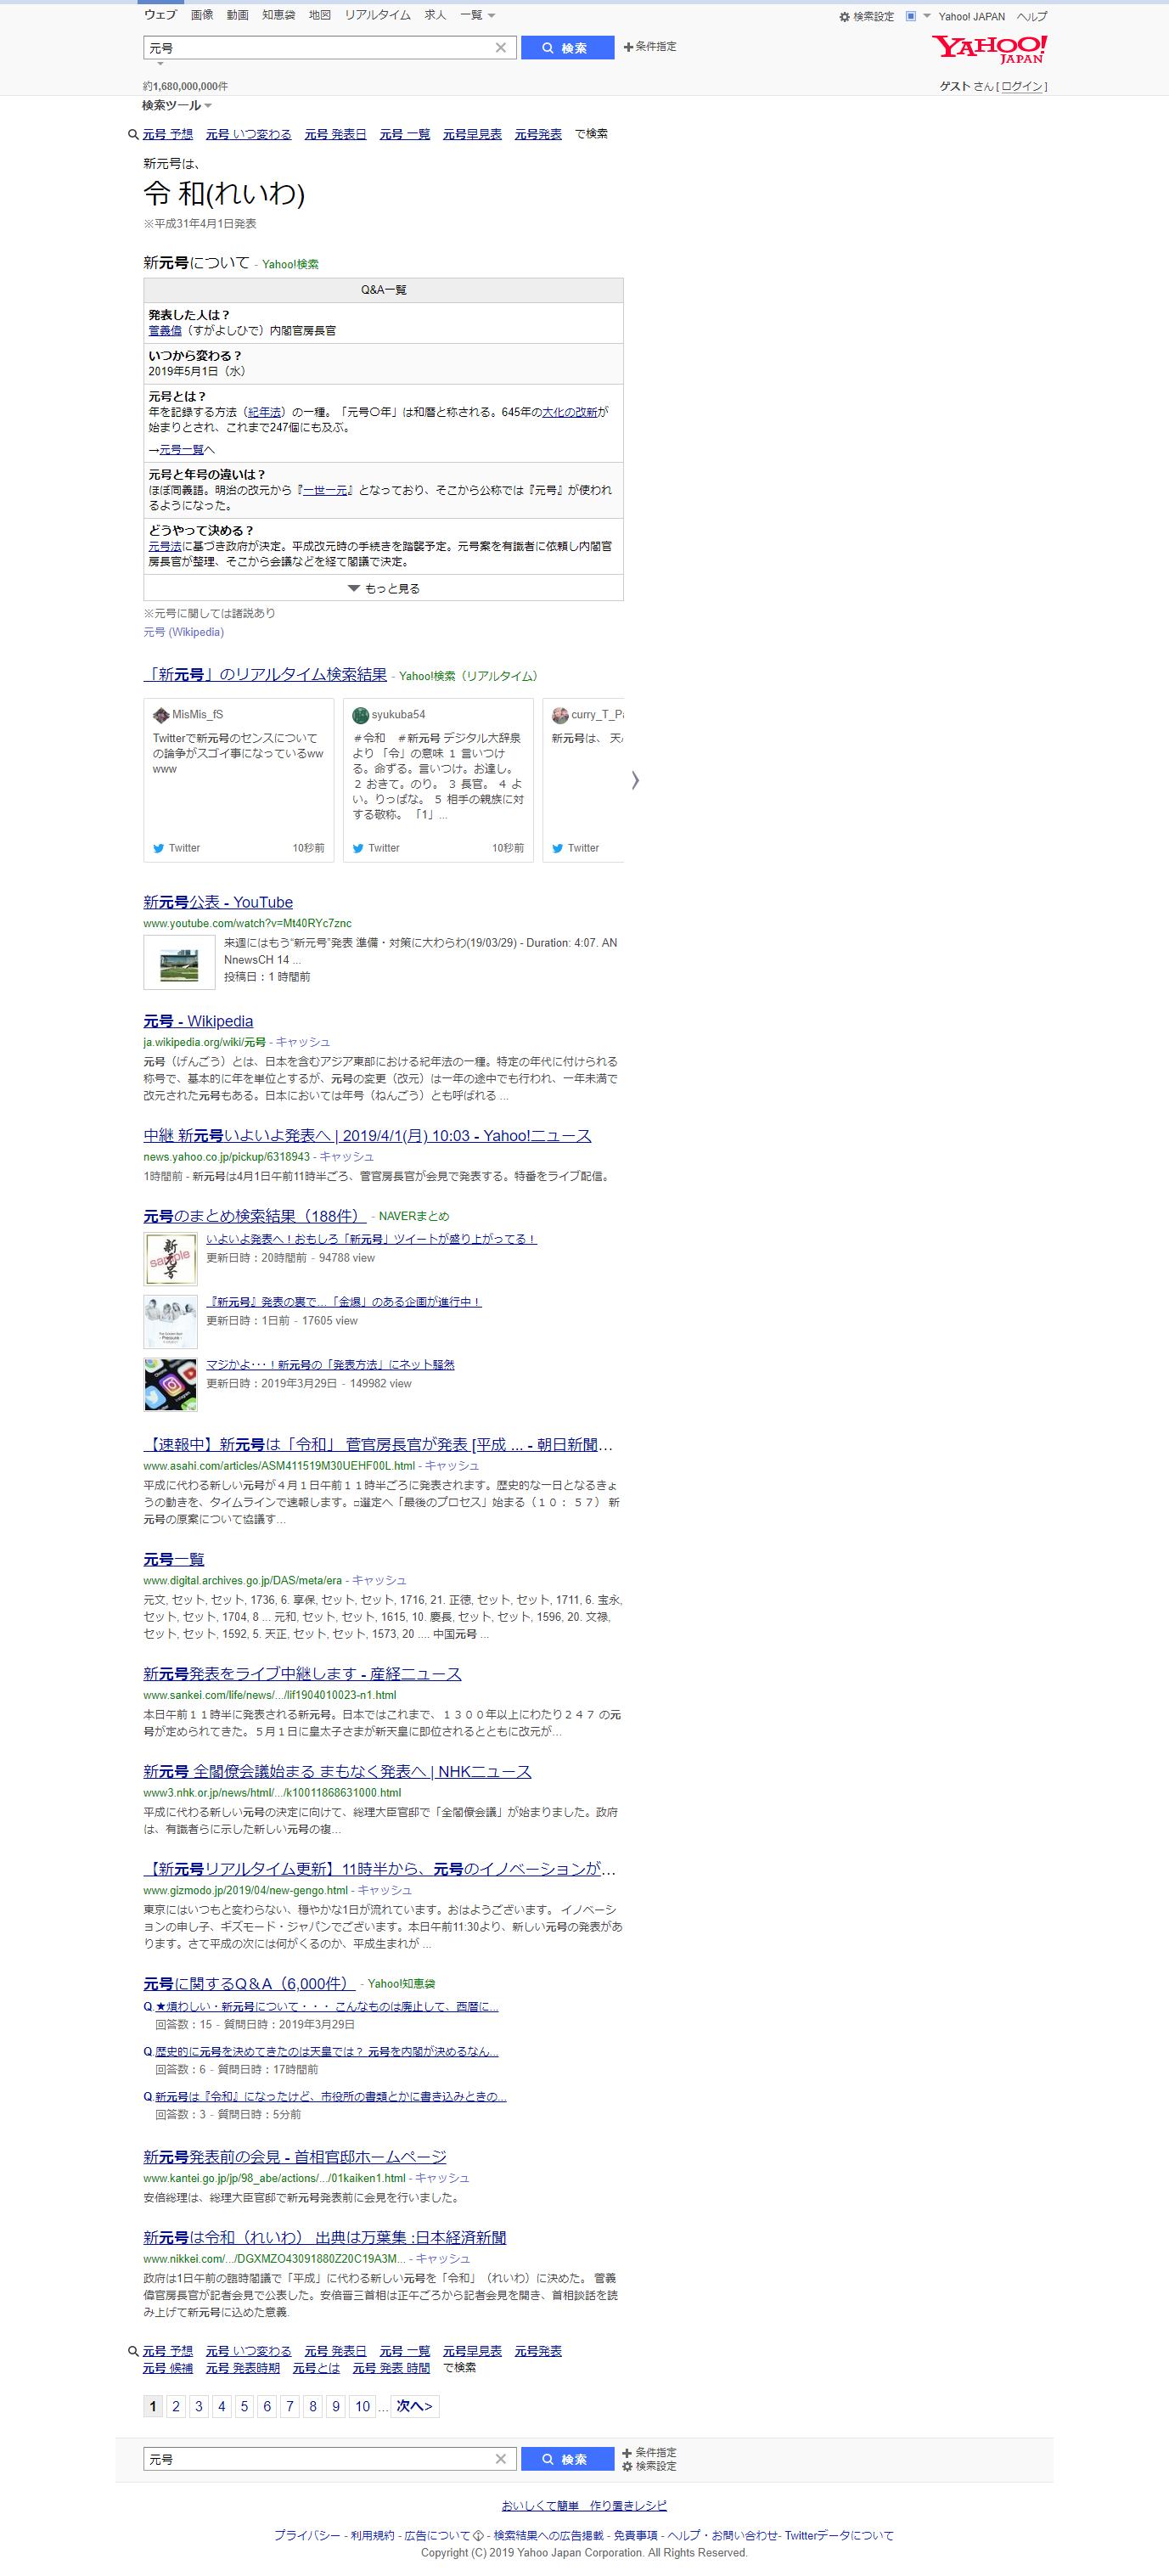 【Yahoo】「元号」11時53分(1ページ目)